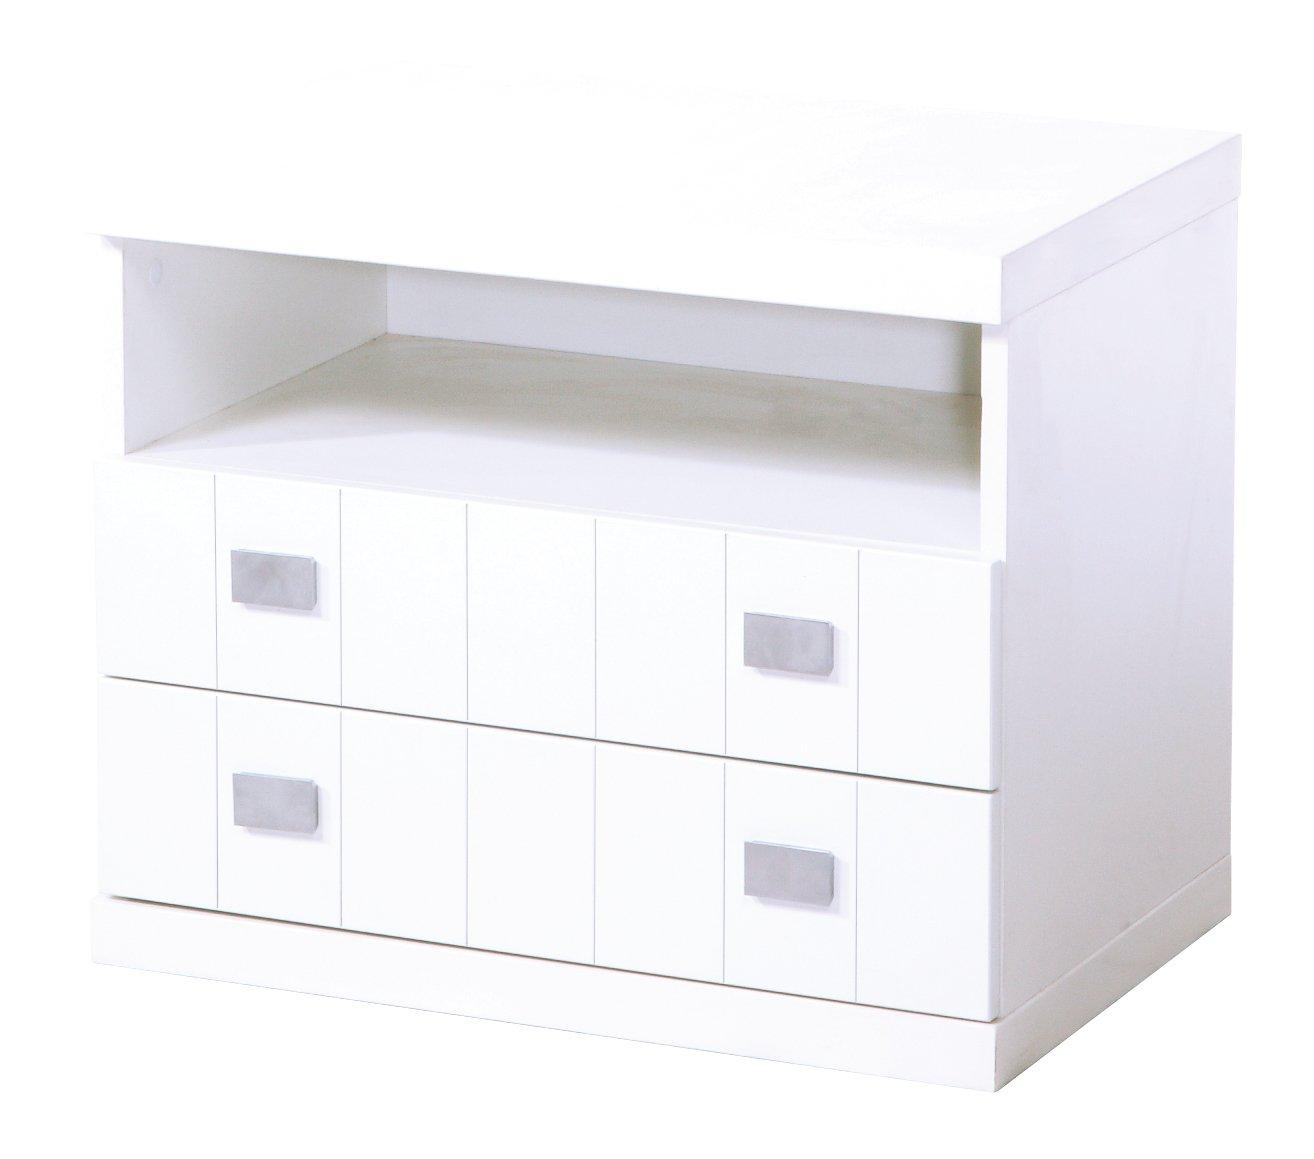 roba Baumann Table de Chevet Multistar Blanc 50 x 60 x 40 cm 41426